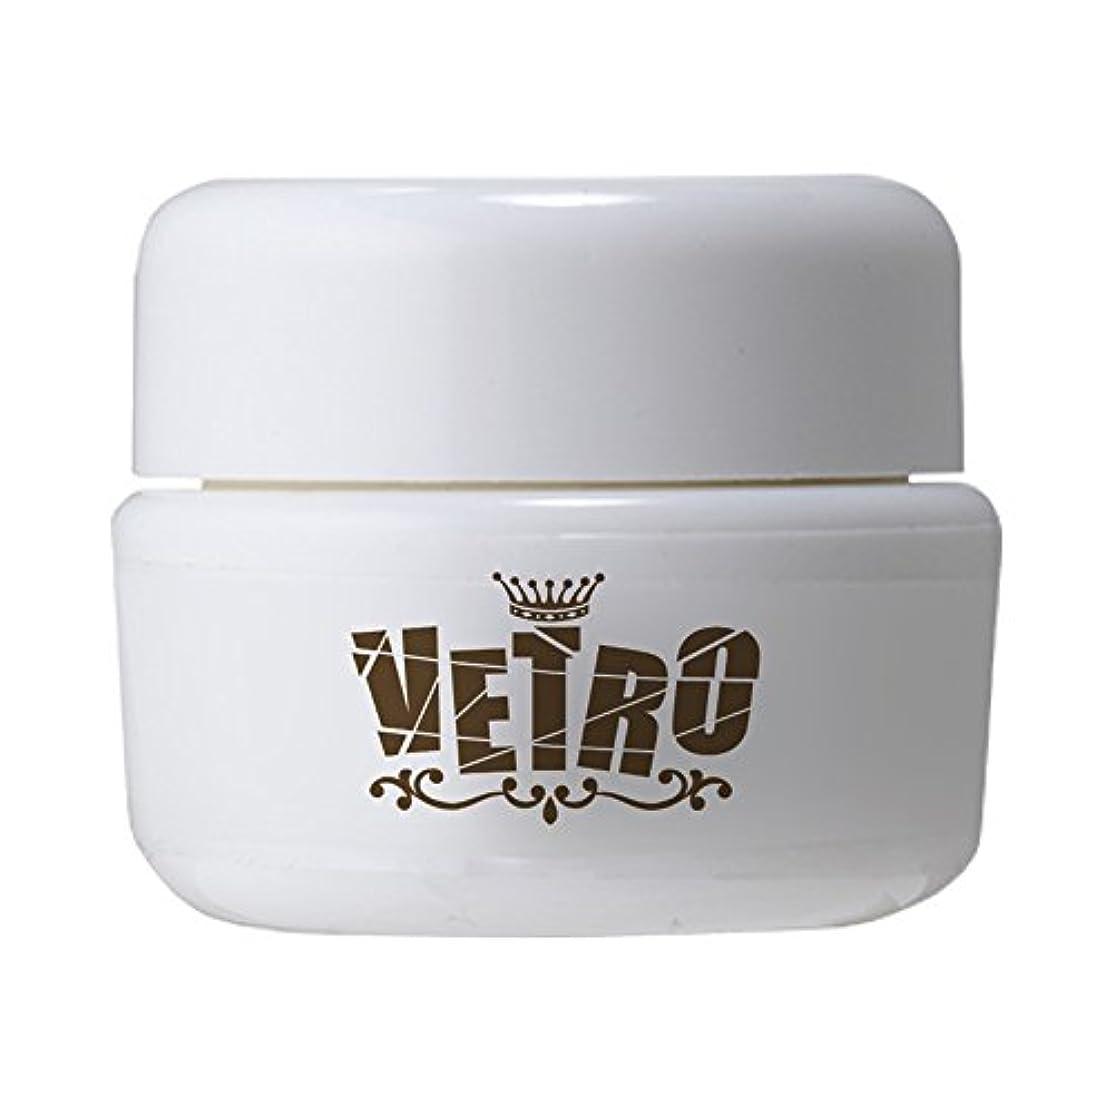 一時停止ゆるい骨VETRO No.19 カラージェル マット VL108 アイスブルー 4ml